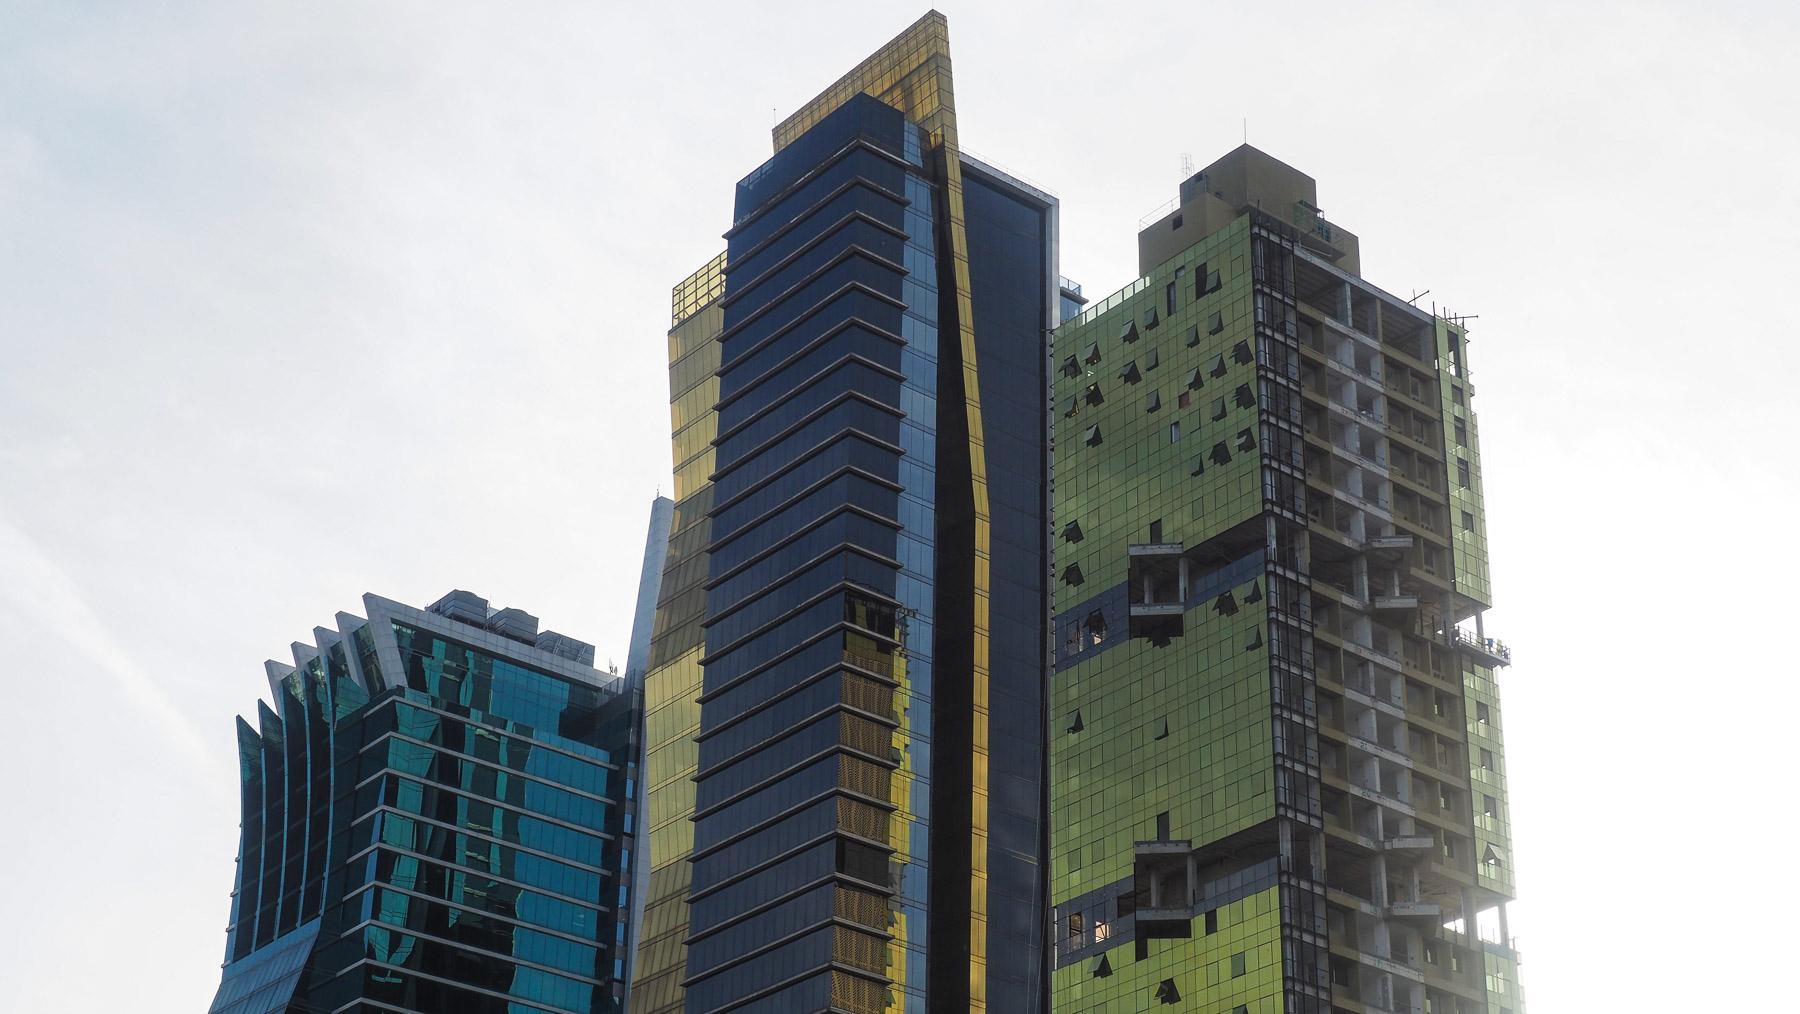 Hauptsächlich Banken. Über 100 internationale Banken sind in Panama City vertreten